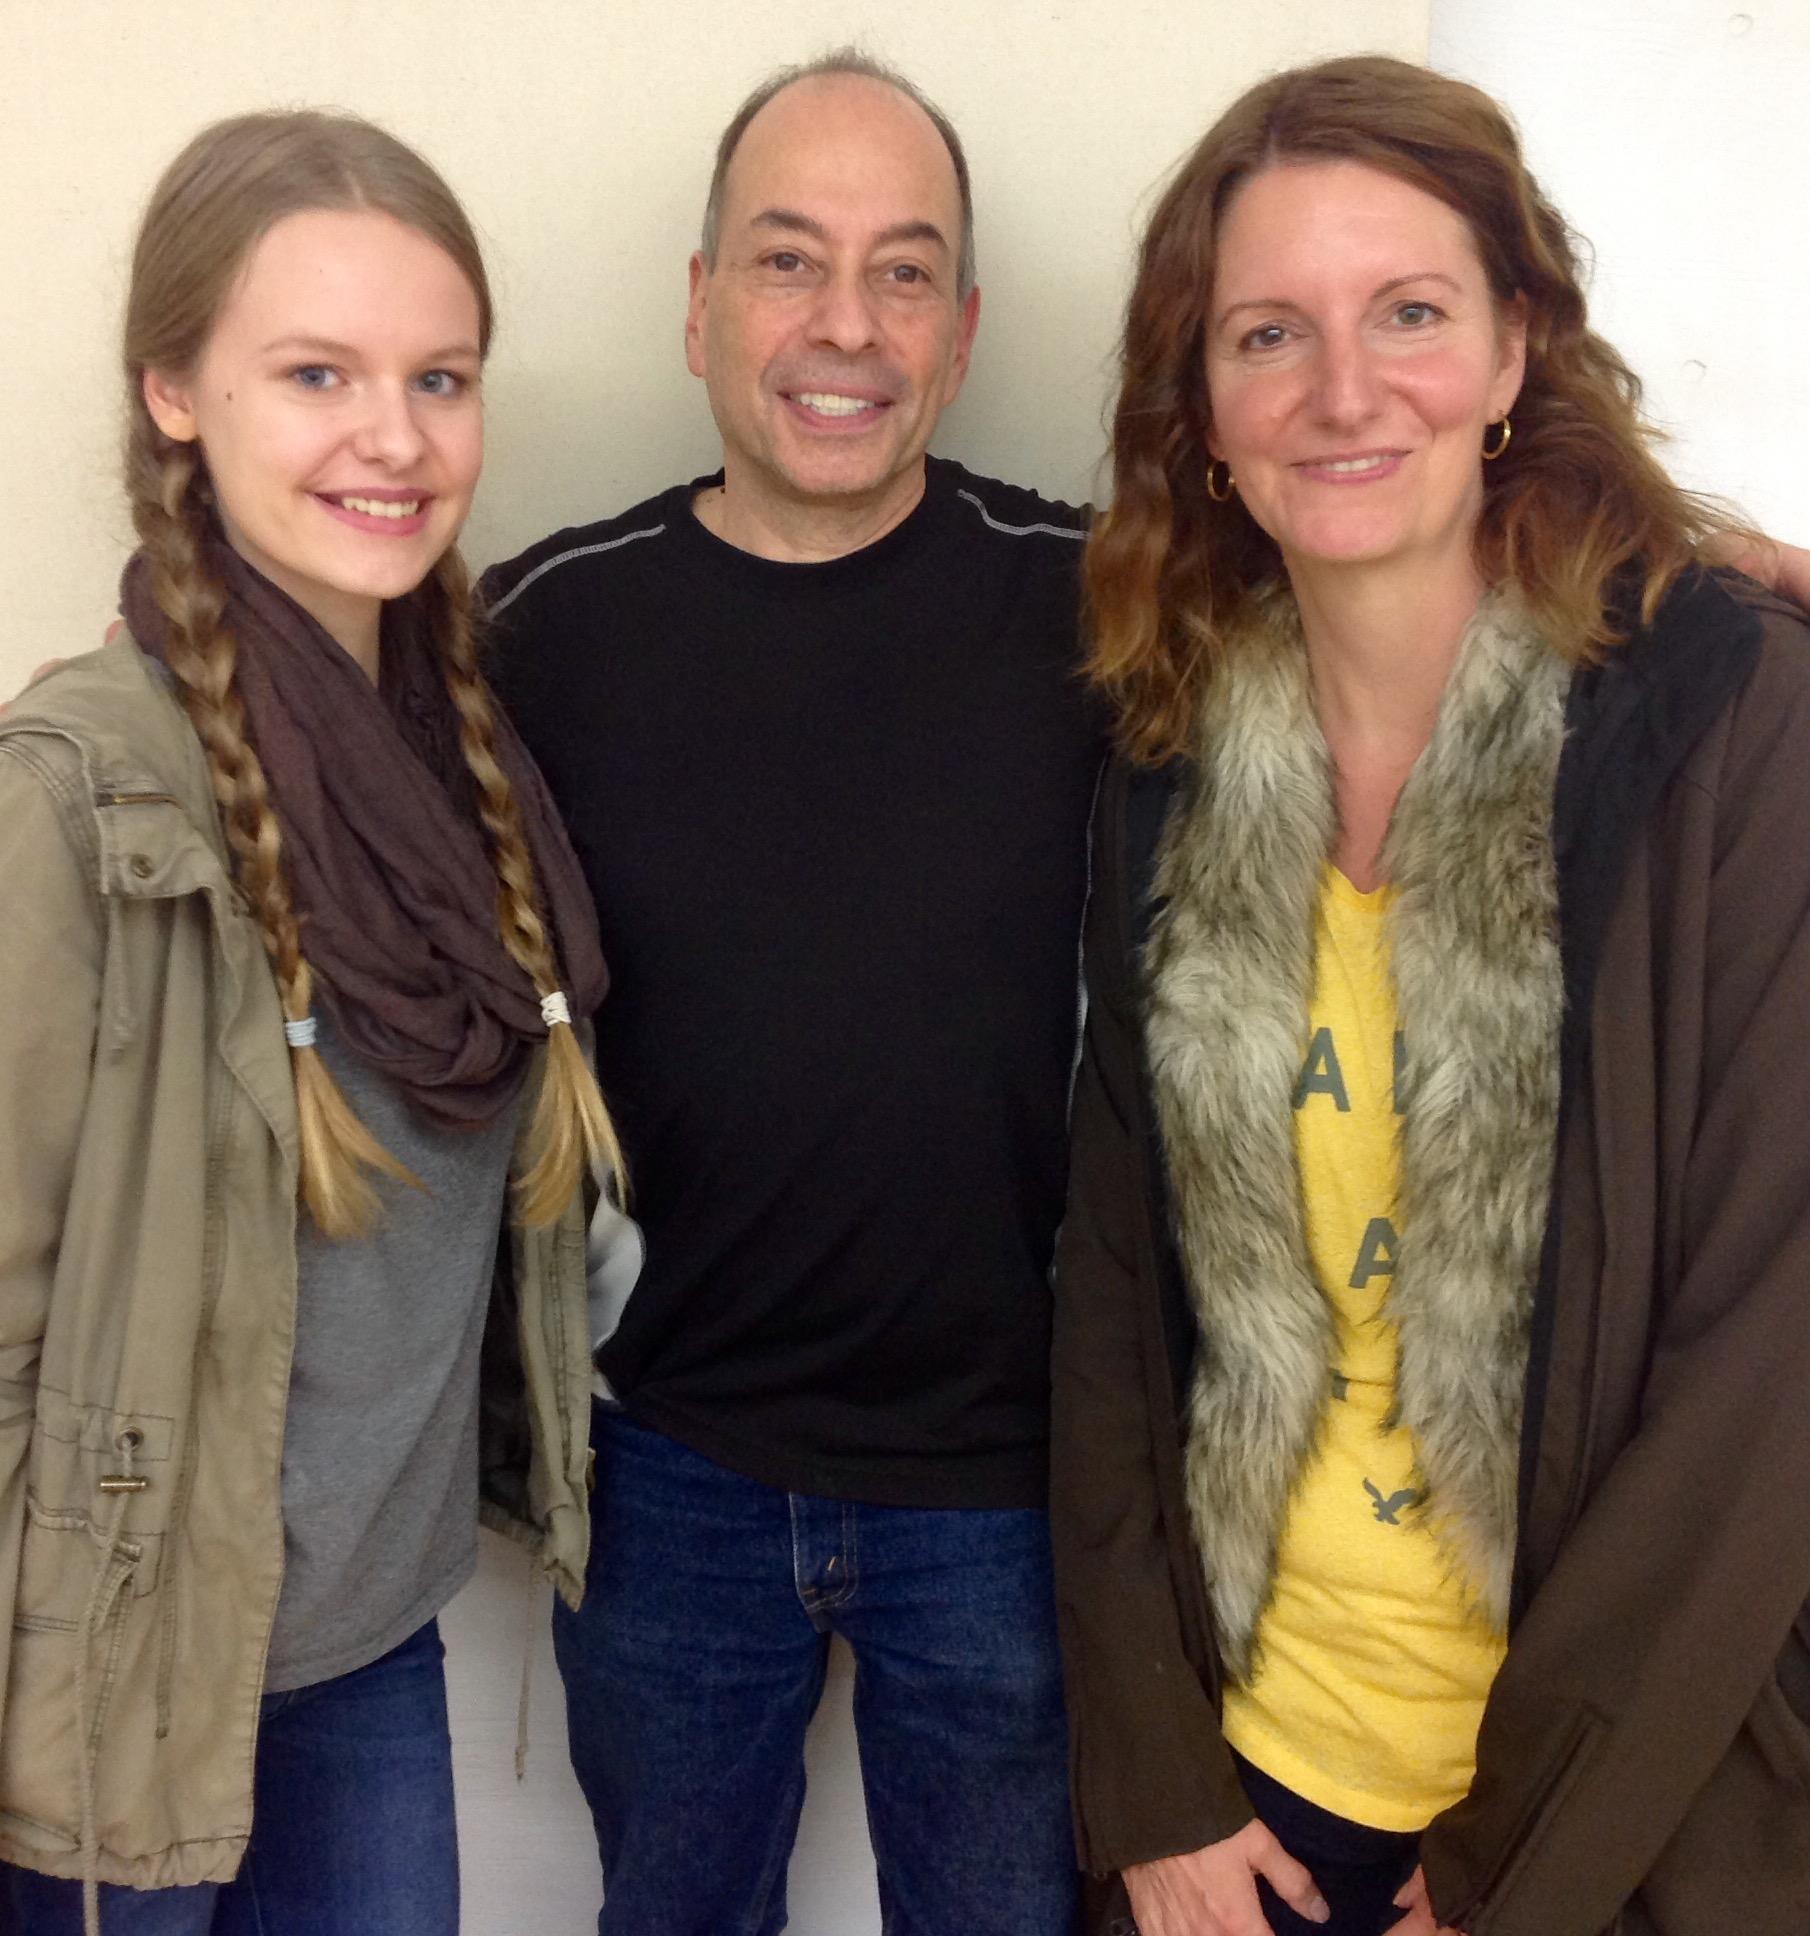 Jara Zeimer, Tony, and Britta Zeimer